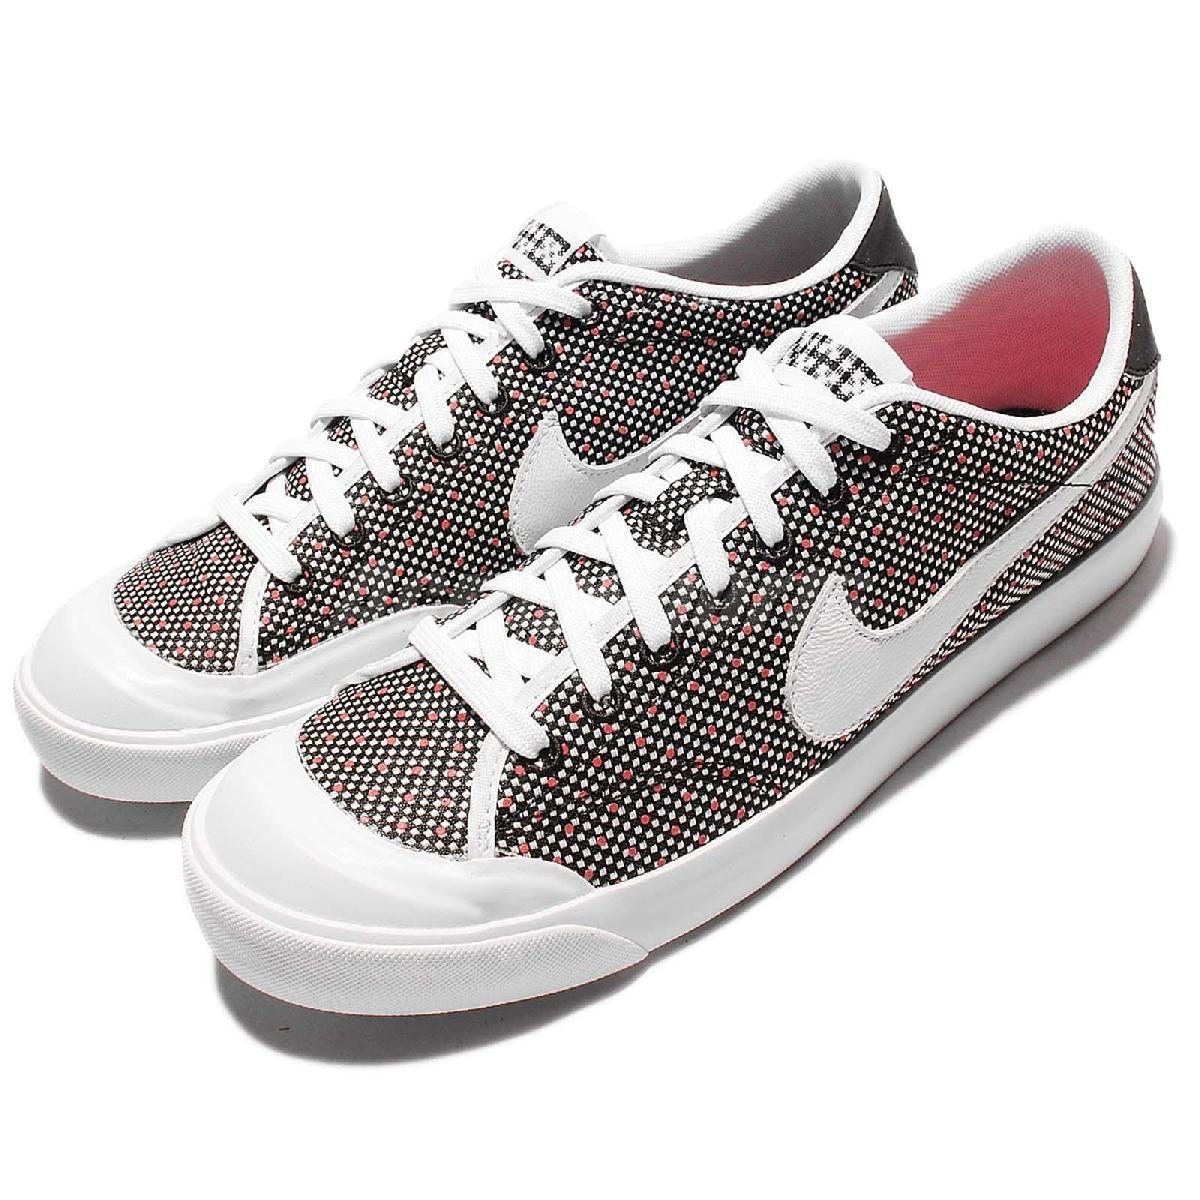 【六折特賣】 Nike 休閒鞋 All Court 2 Low KJCRD 白 黑 紅點點 平底鞋 男鞋 【PUMP306】 867117-001